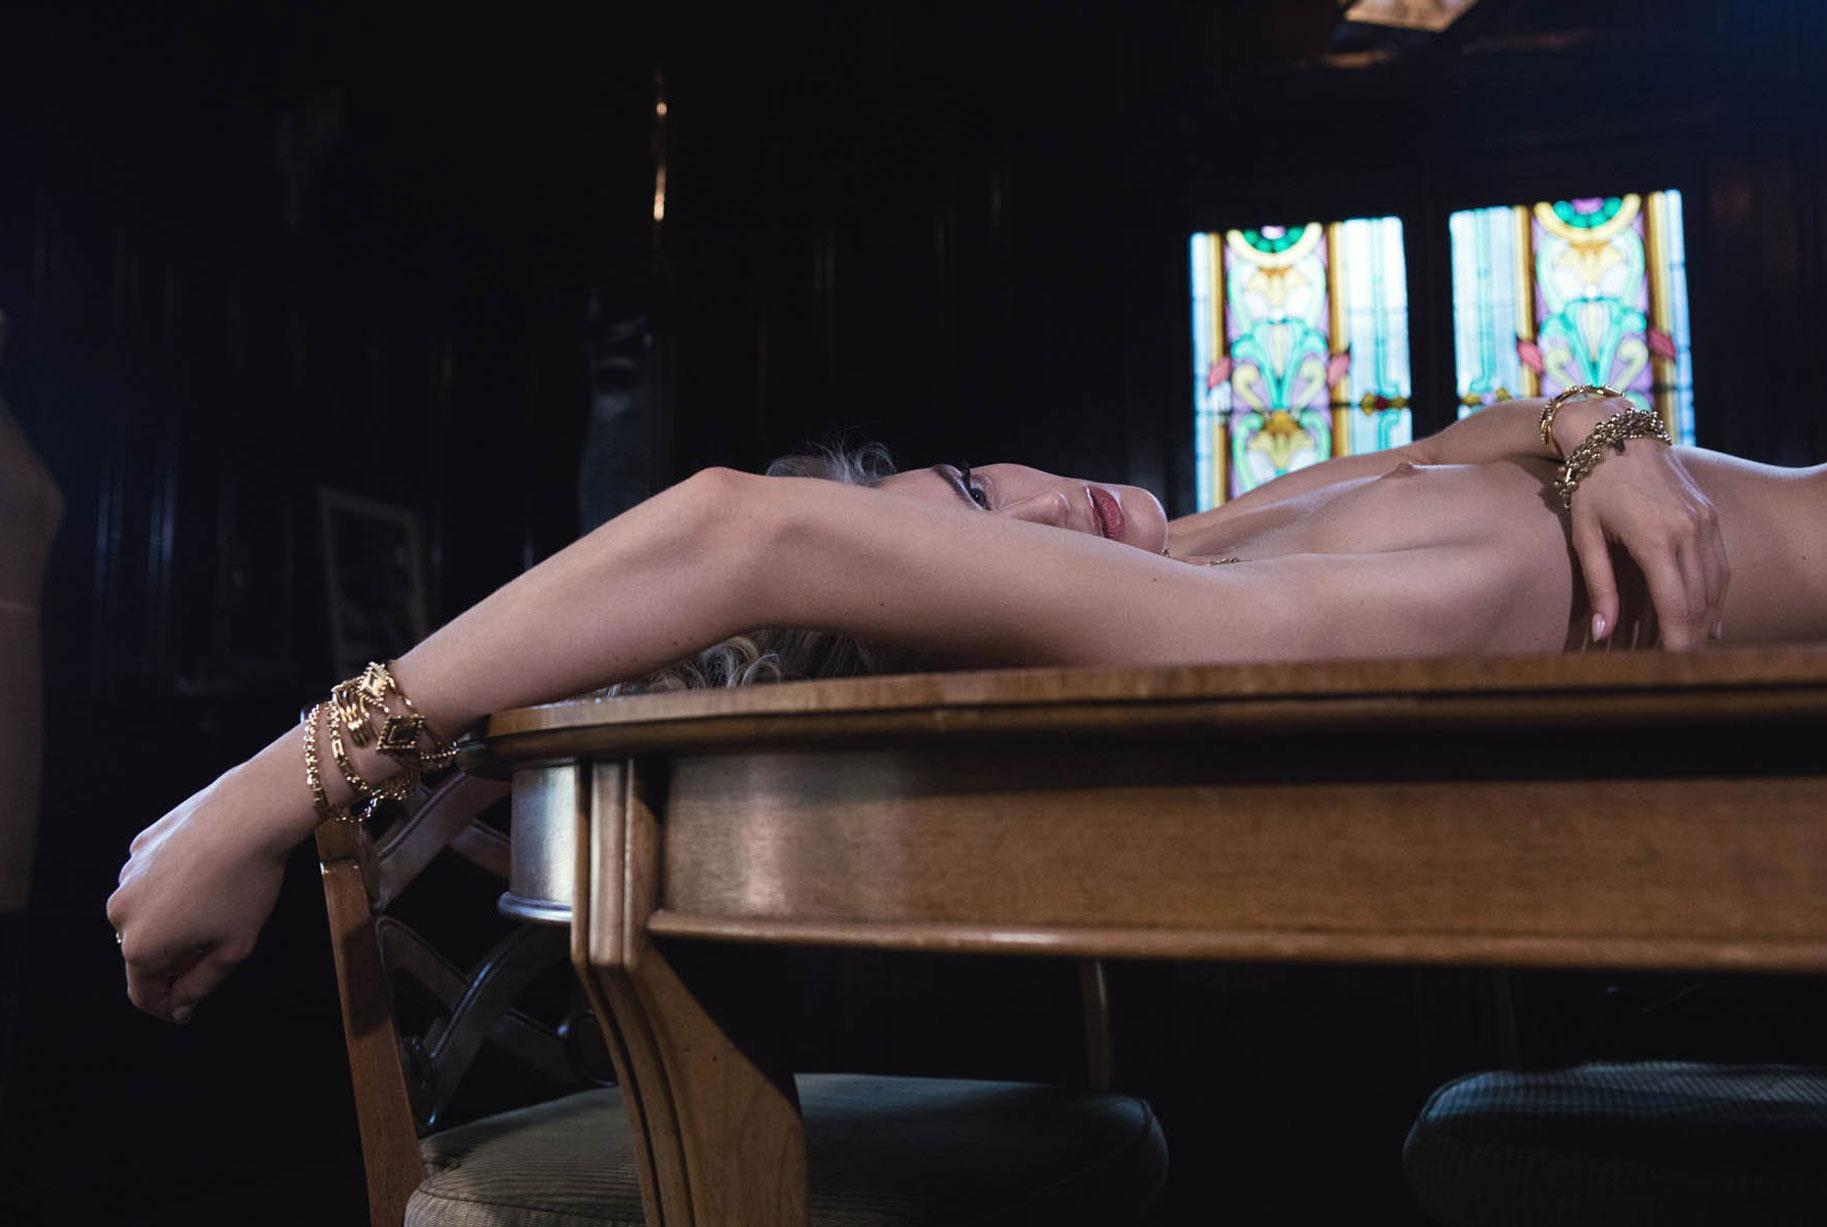 Жужу Иванюк в рекламной кампании одежды и драгоценностей модного бренда Vanessa Mooney / фото 14